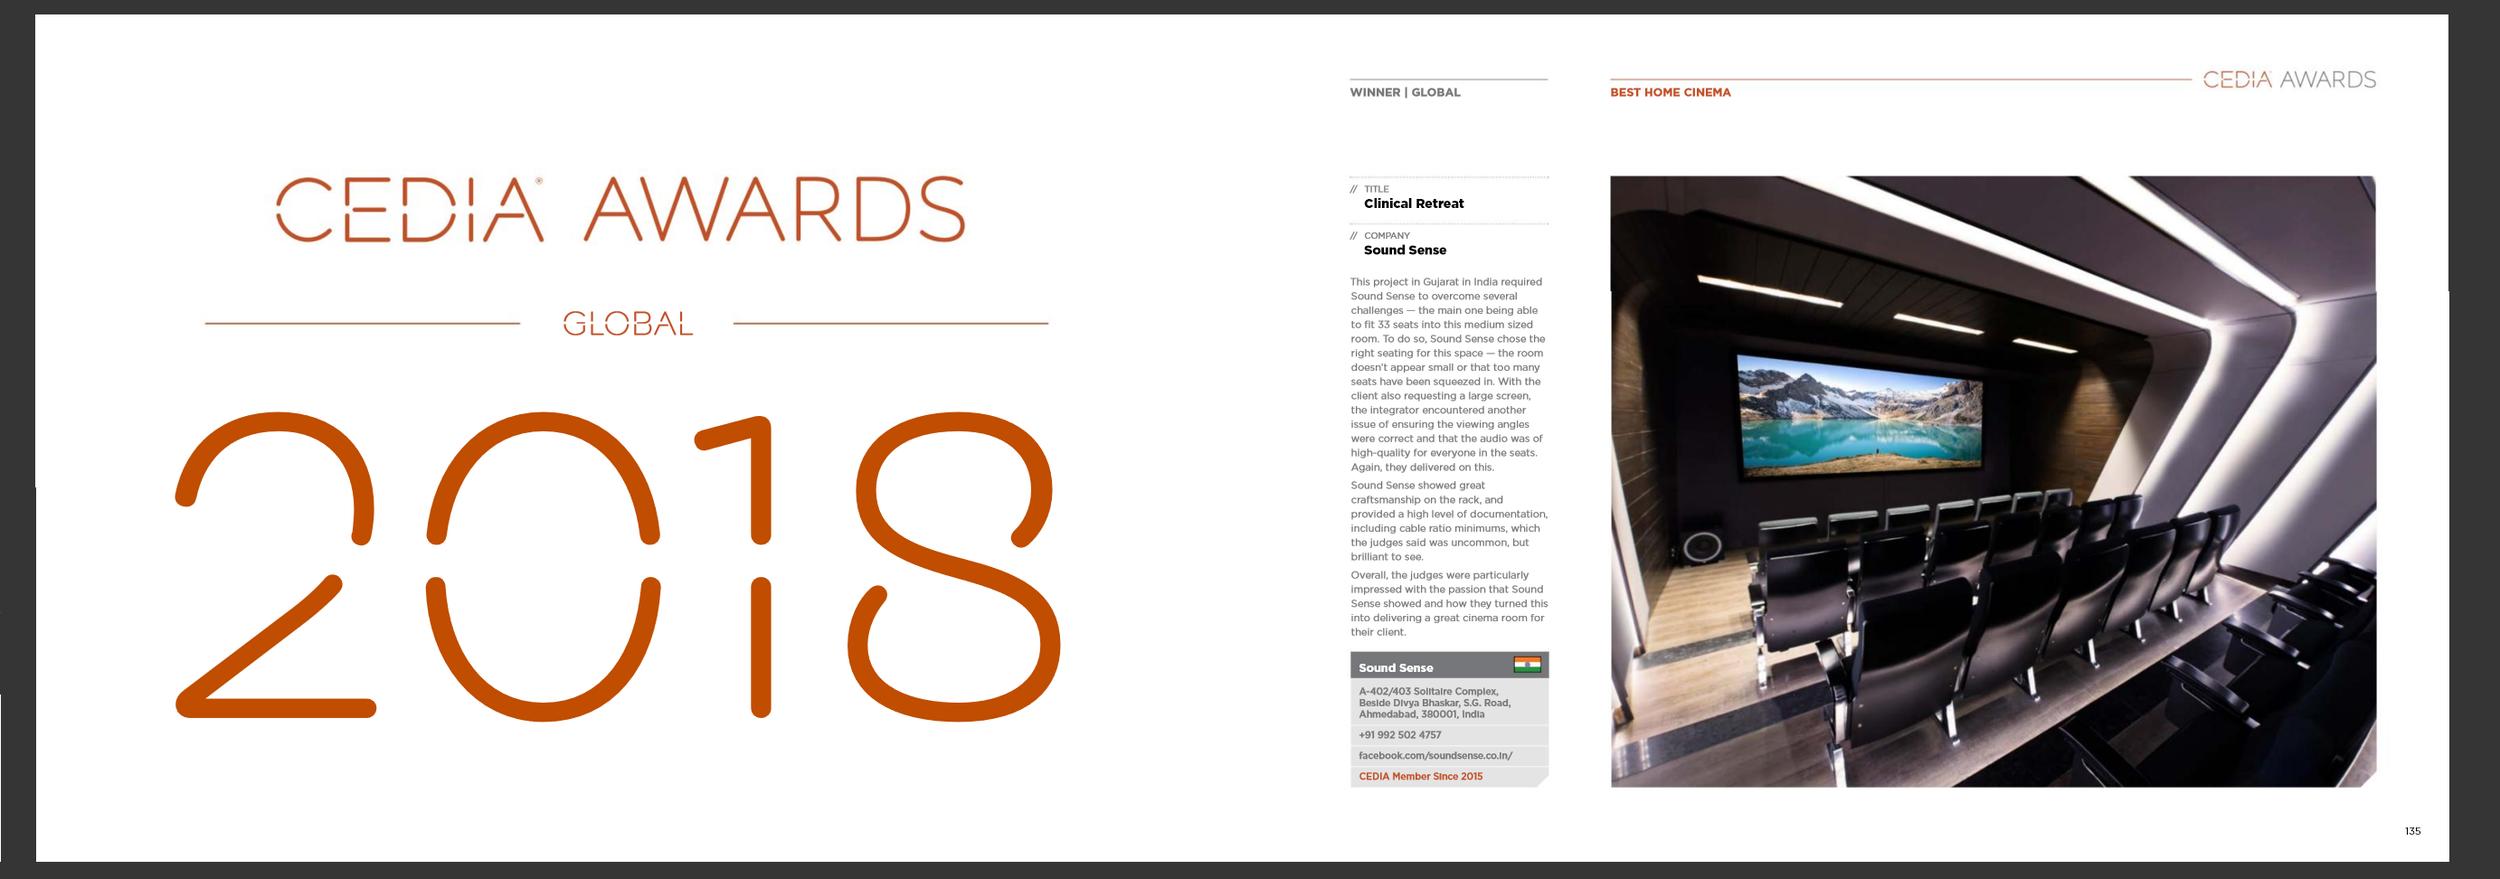 CEDIA-Home Cinema - Global Award.png